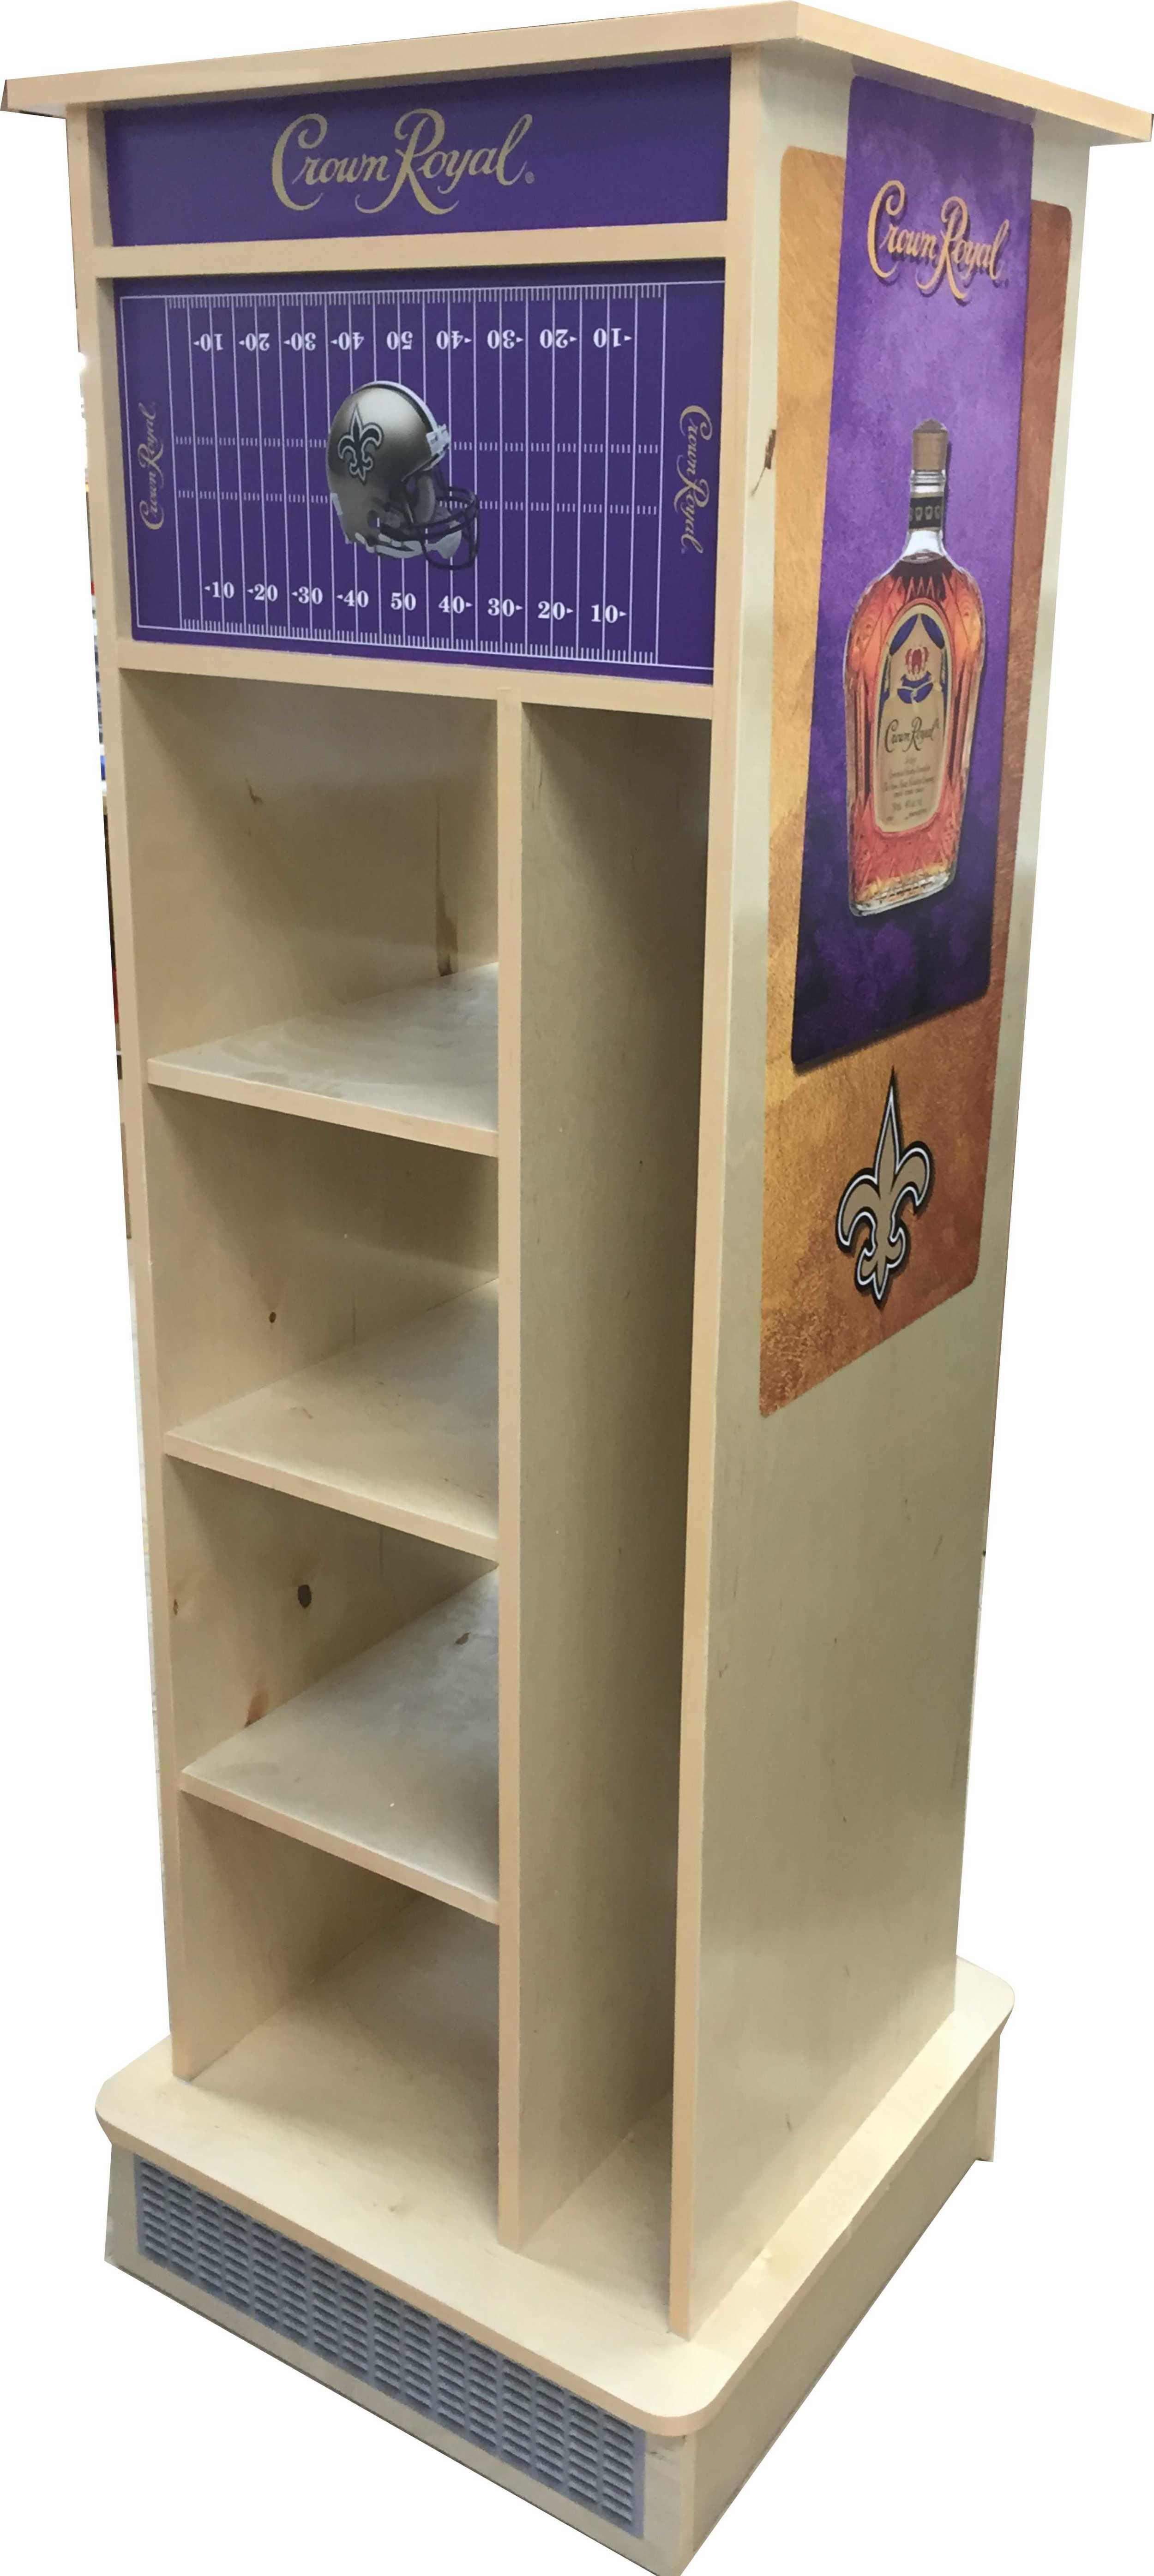 CR locker.jpg